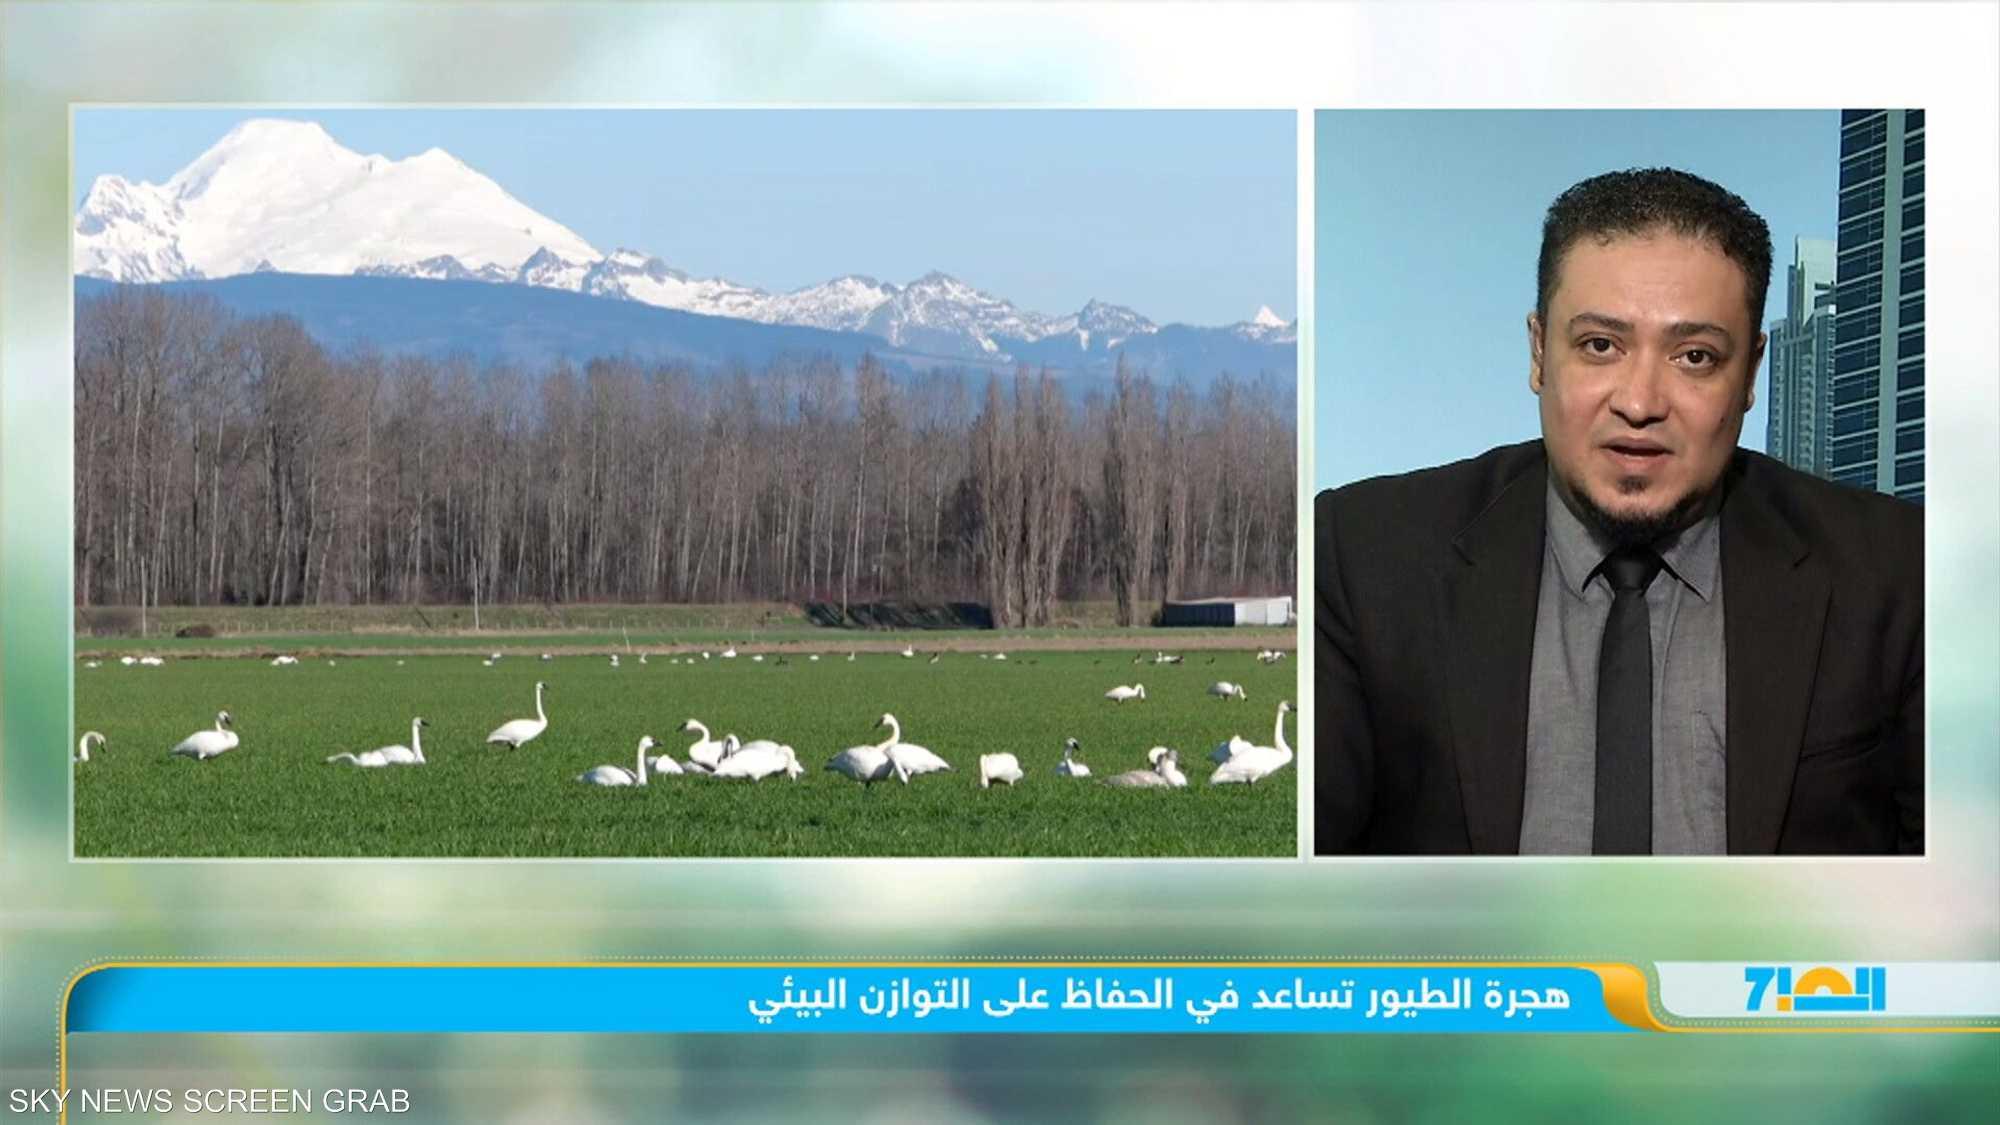 هجرة الطيور تساعد في الحفاظ على التوازن البيئي